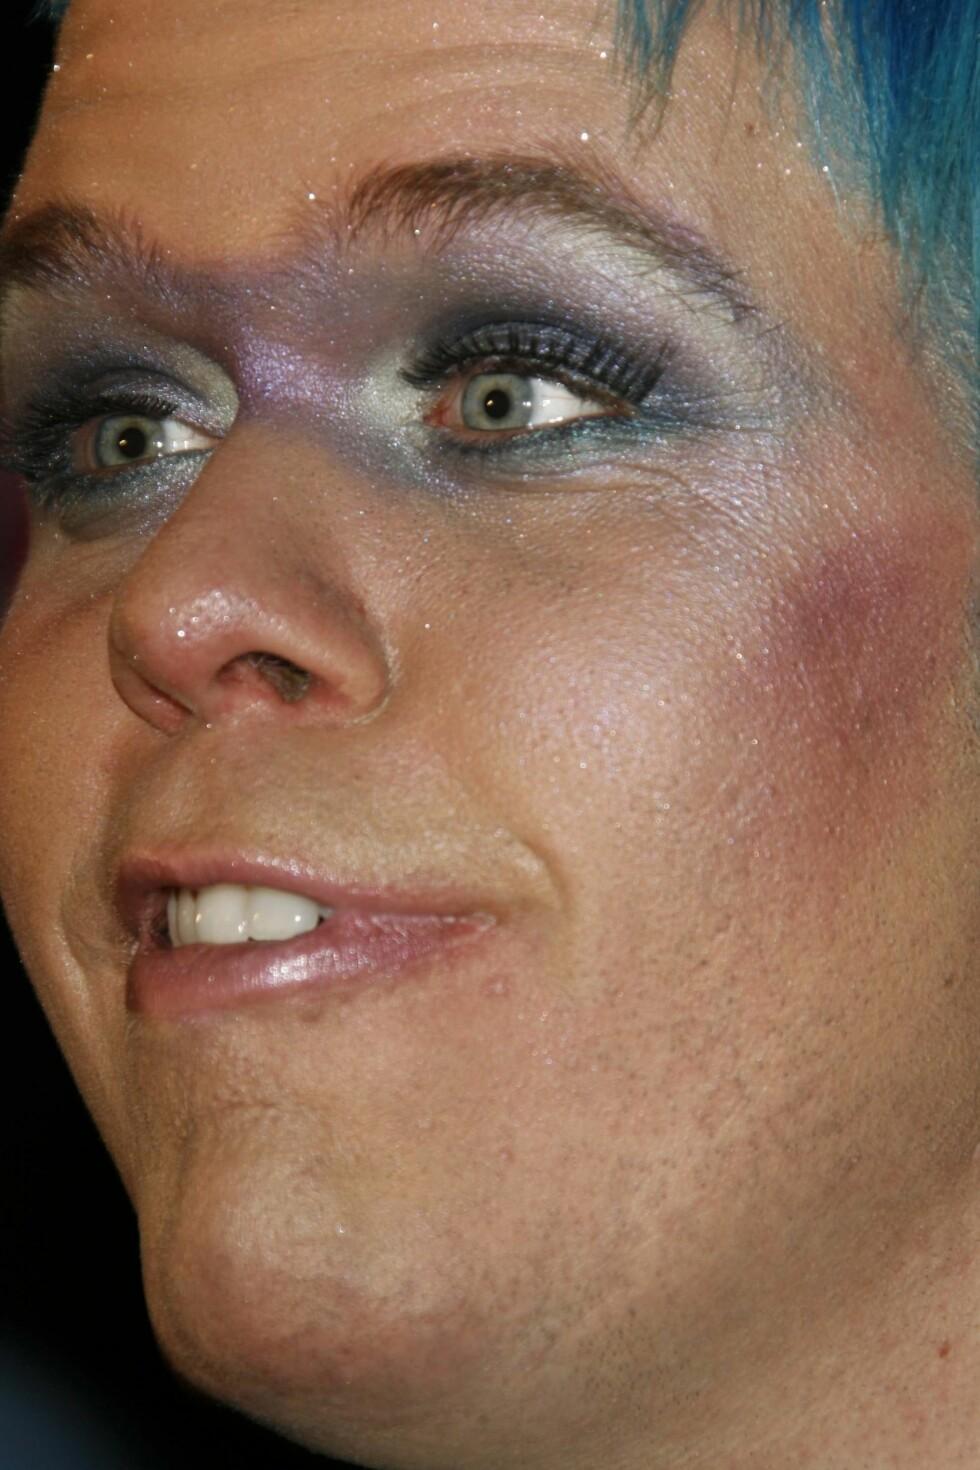 Metallisk sminke er trendy, har kjendisbloggeren Perez Hilton plukket opp. Særlig mellom øynene, og særlig på menn.